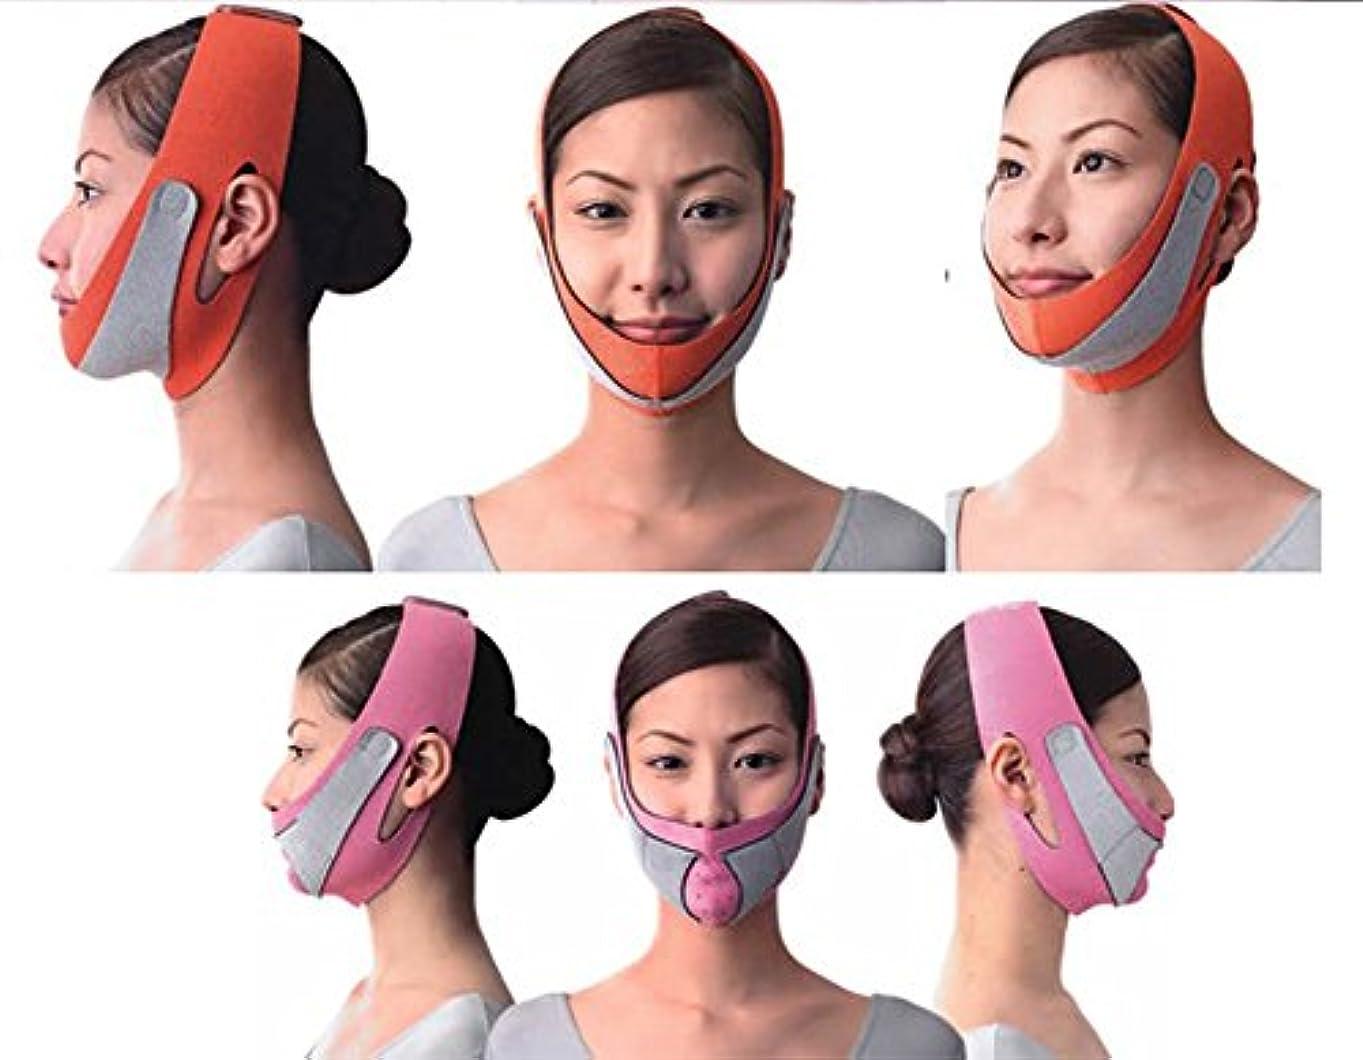 酔ってパイプ雪の引き上げマスク 頬のたるみ 額、顎下、頬リフトアップ ピンク グレー 弾力V-ラインマスク 引っ張る リフティング フェイス リフトスリムマスク 美容 フェイスマスク